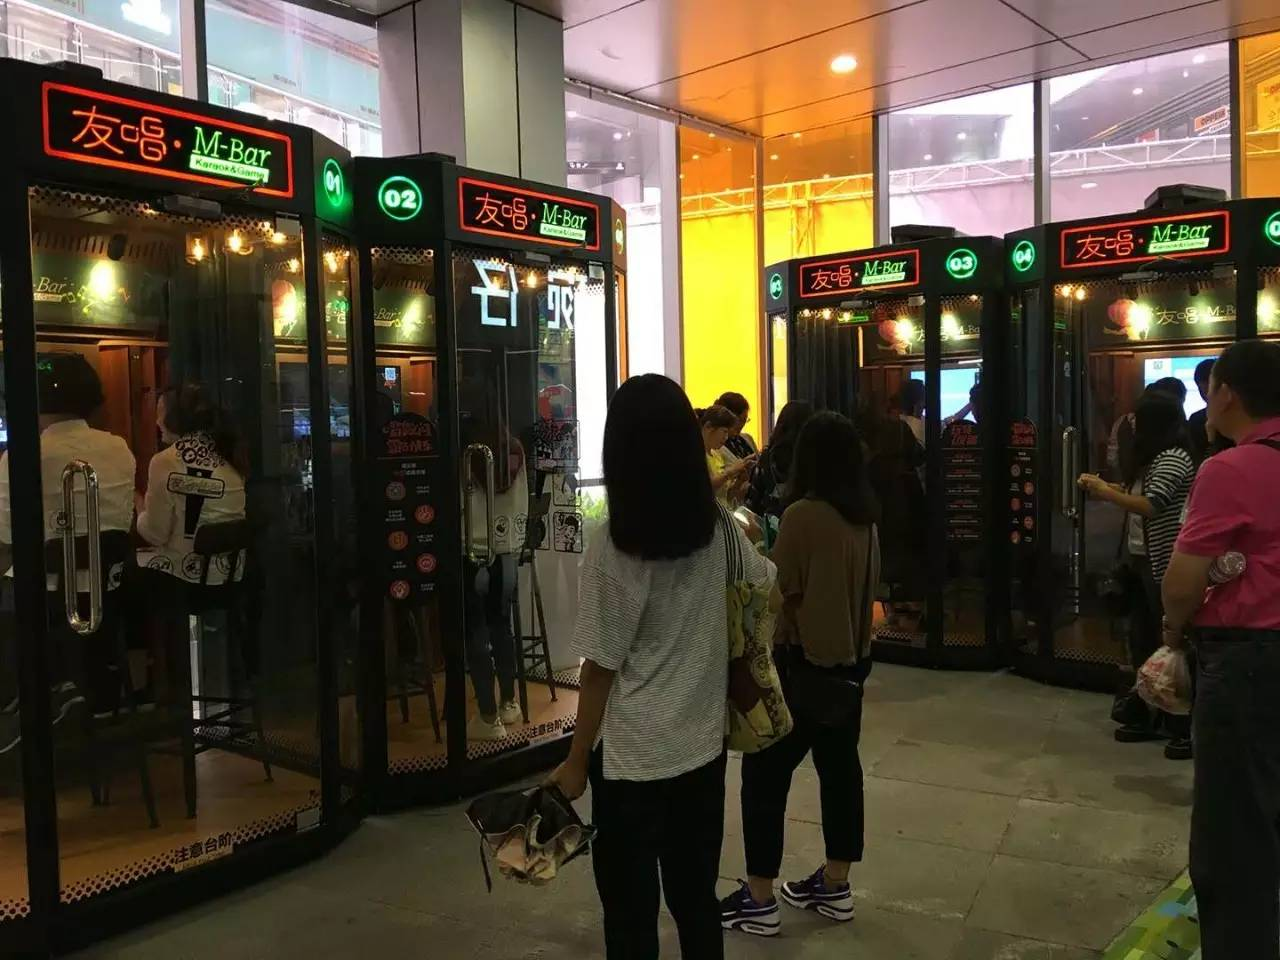 文化部要求加强迷你歌咏亭的内容监管 设置消费金额提示